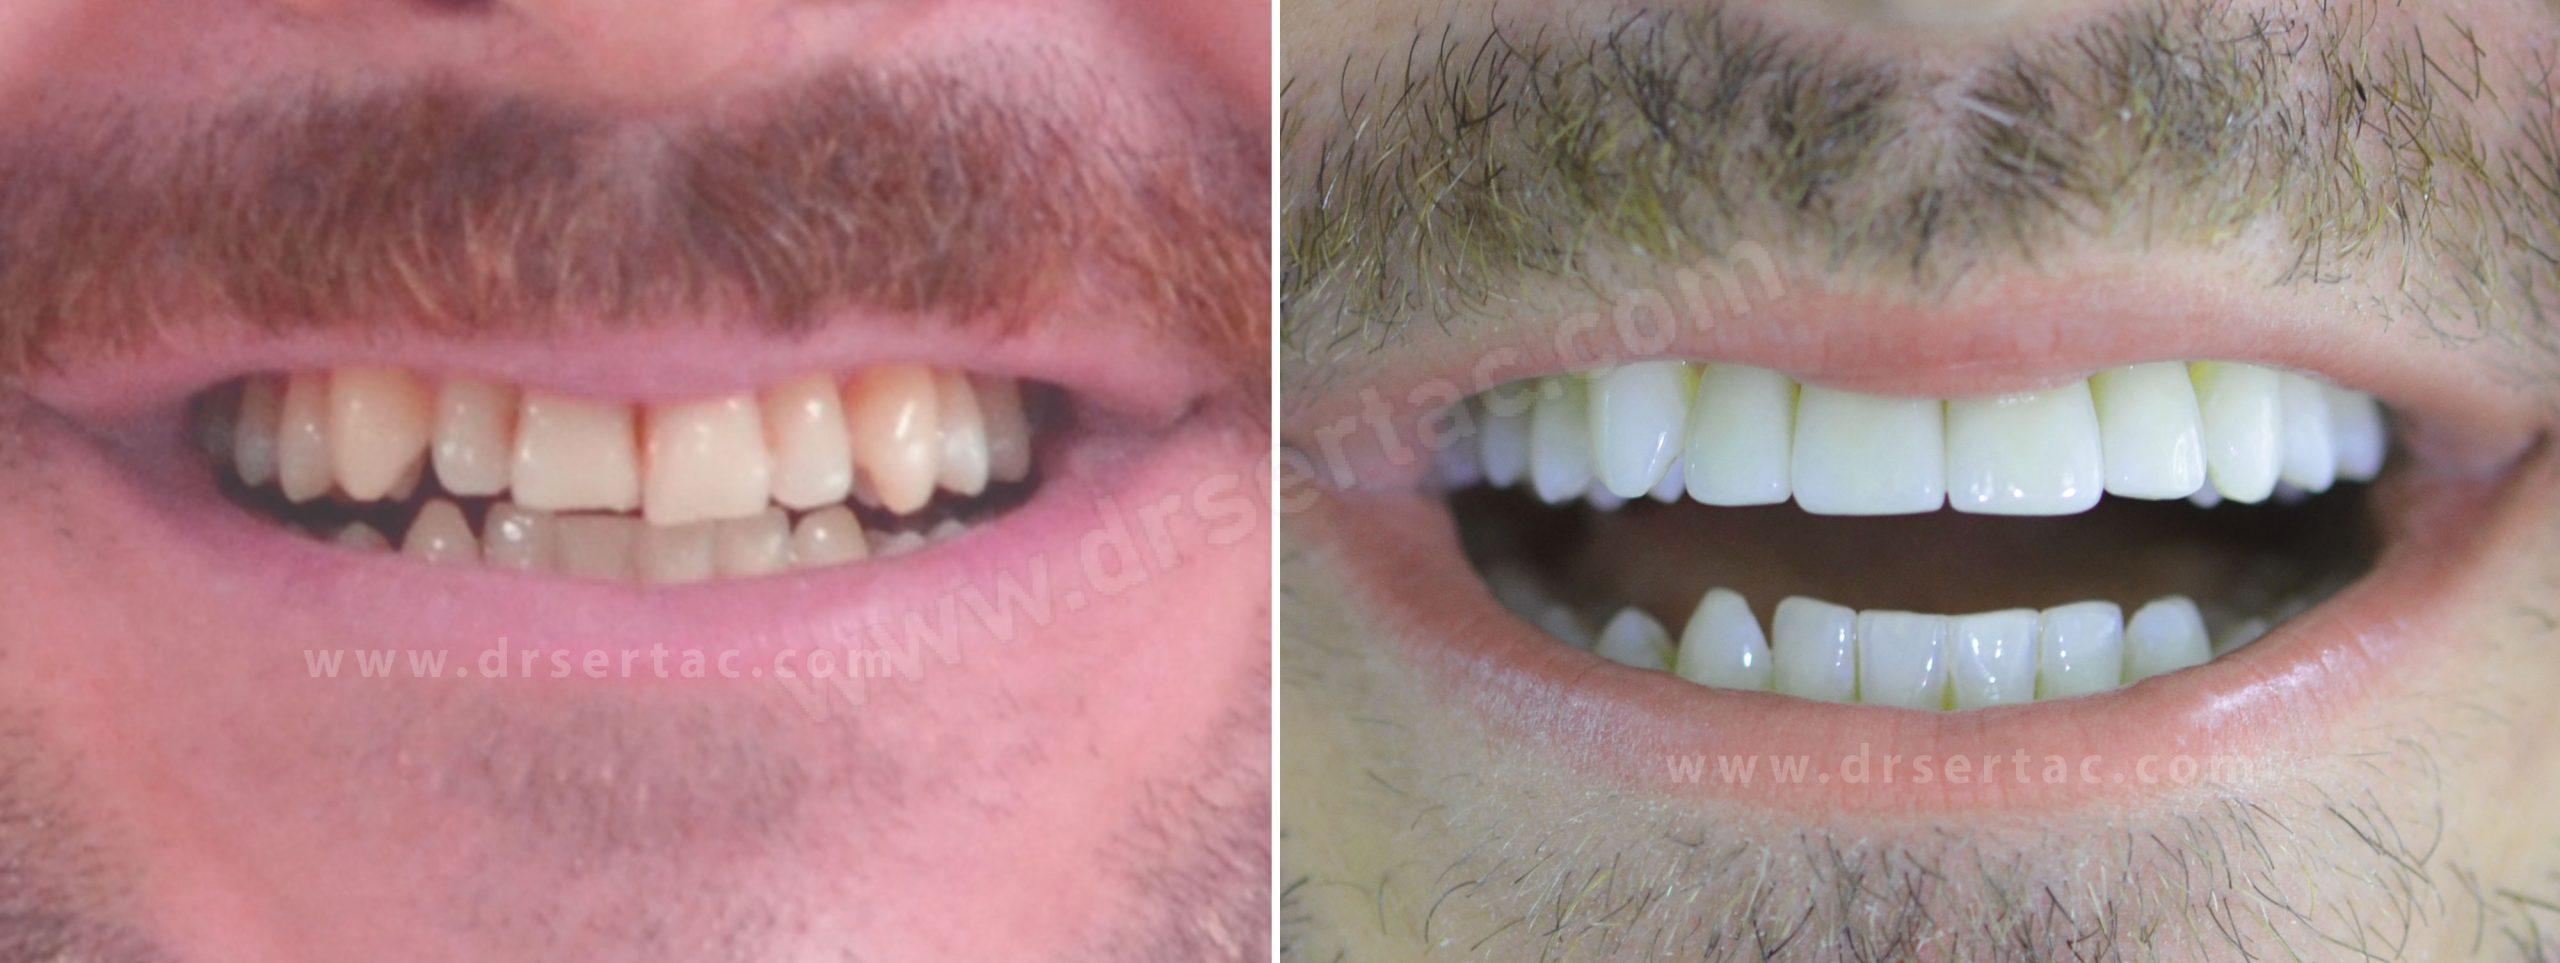 Diş estetiği için laminate veneer